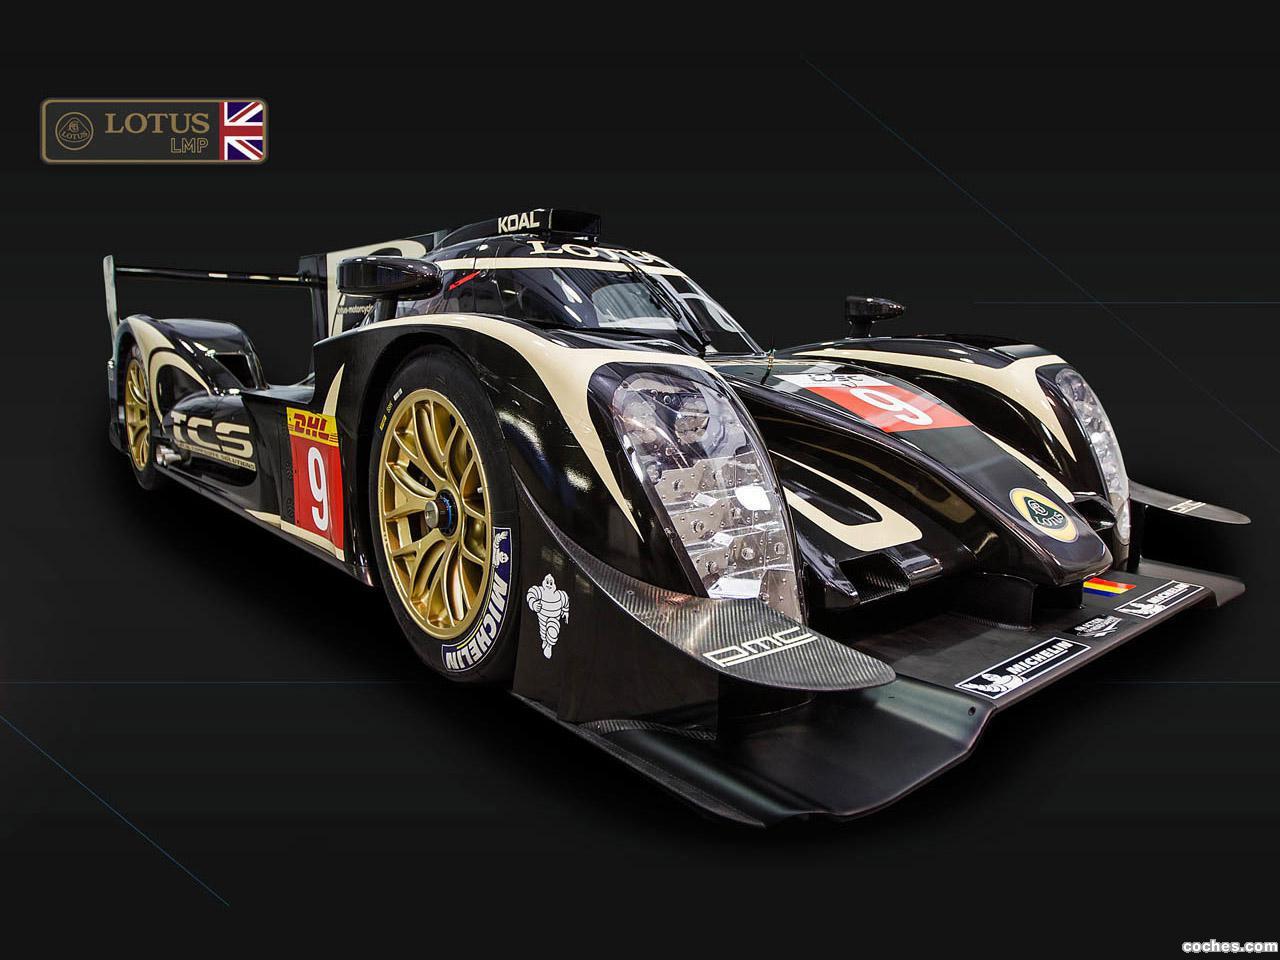 Foto 0 de Lotus LMP1 Race Car 2013